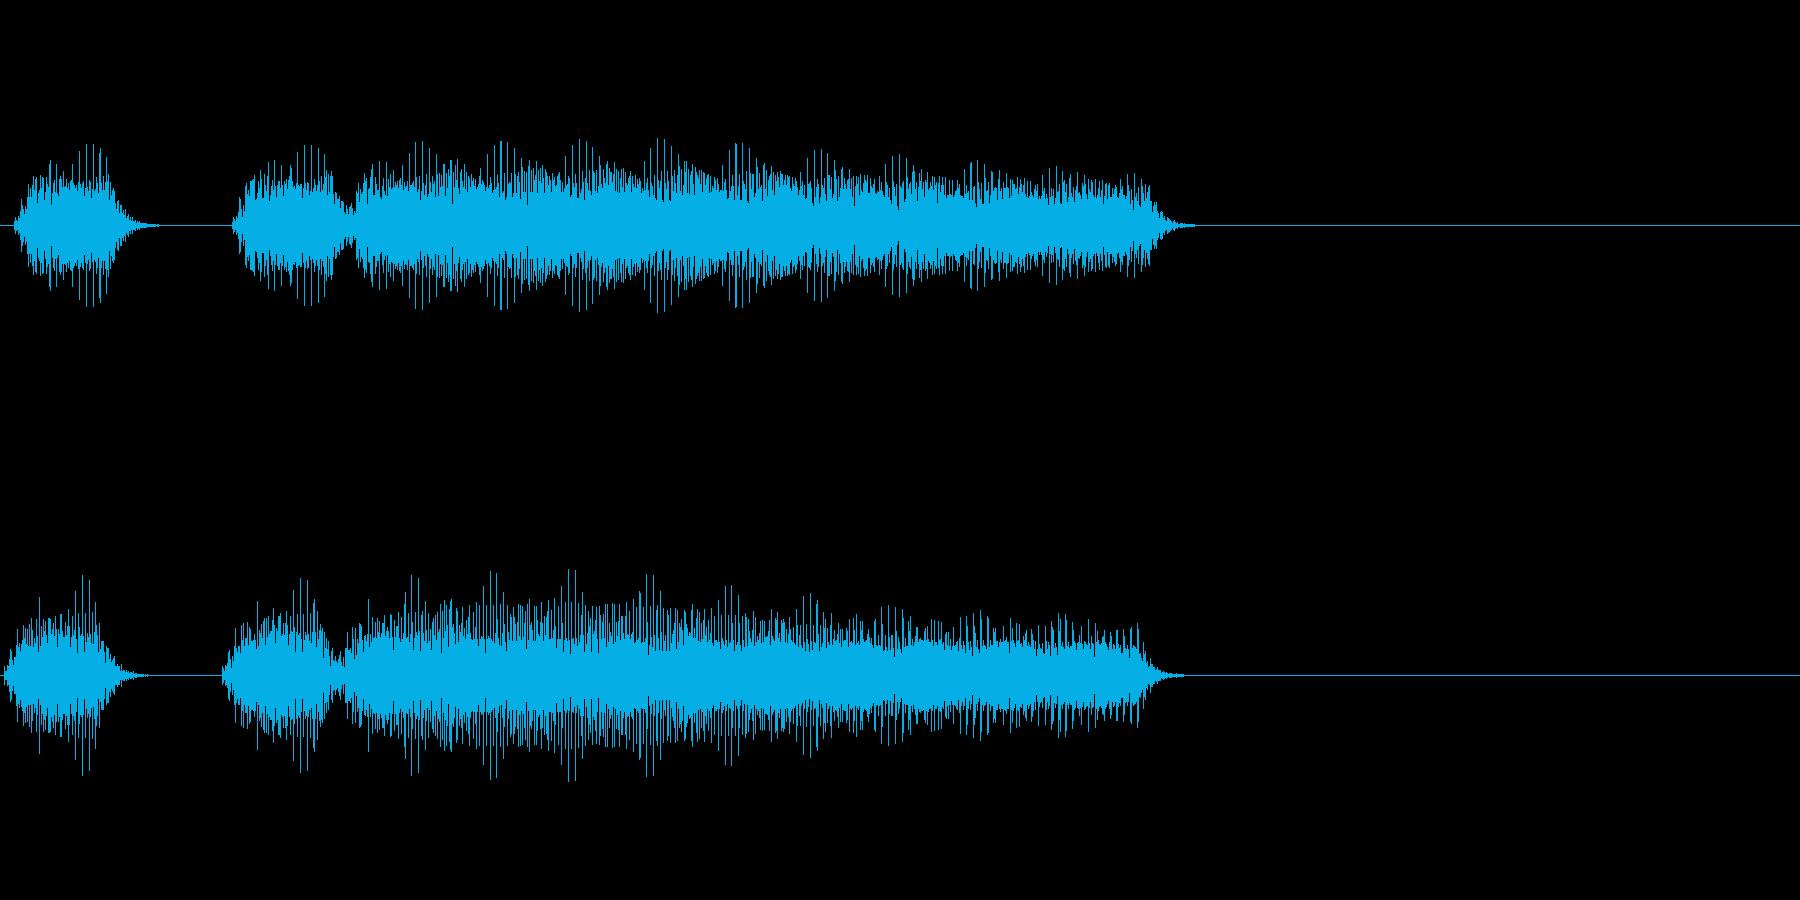 ミッション達成等「パッパパーン」ver2の再生済みの波形